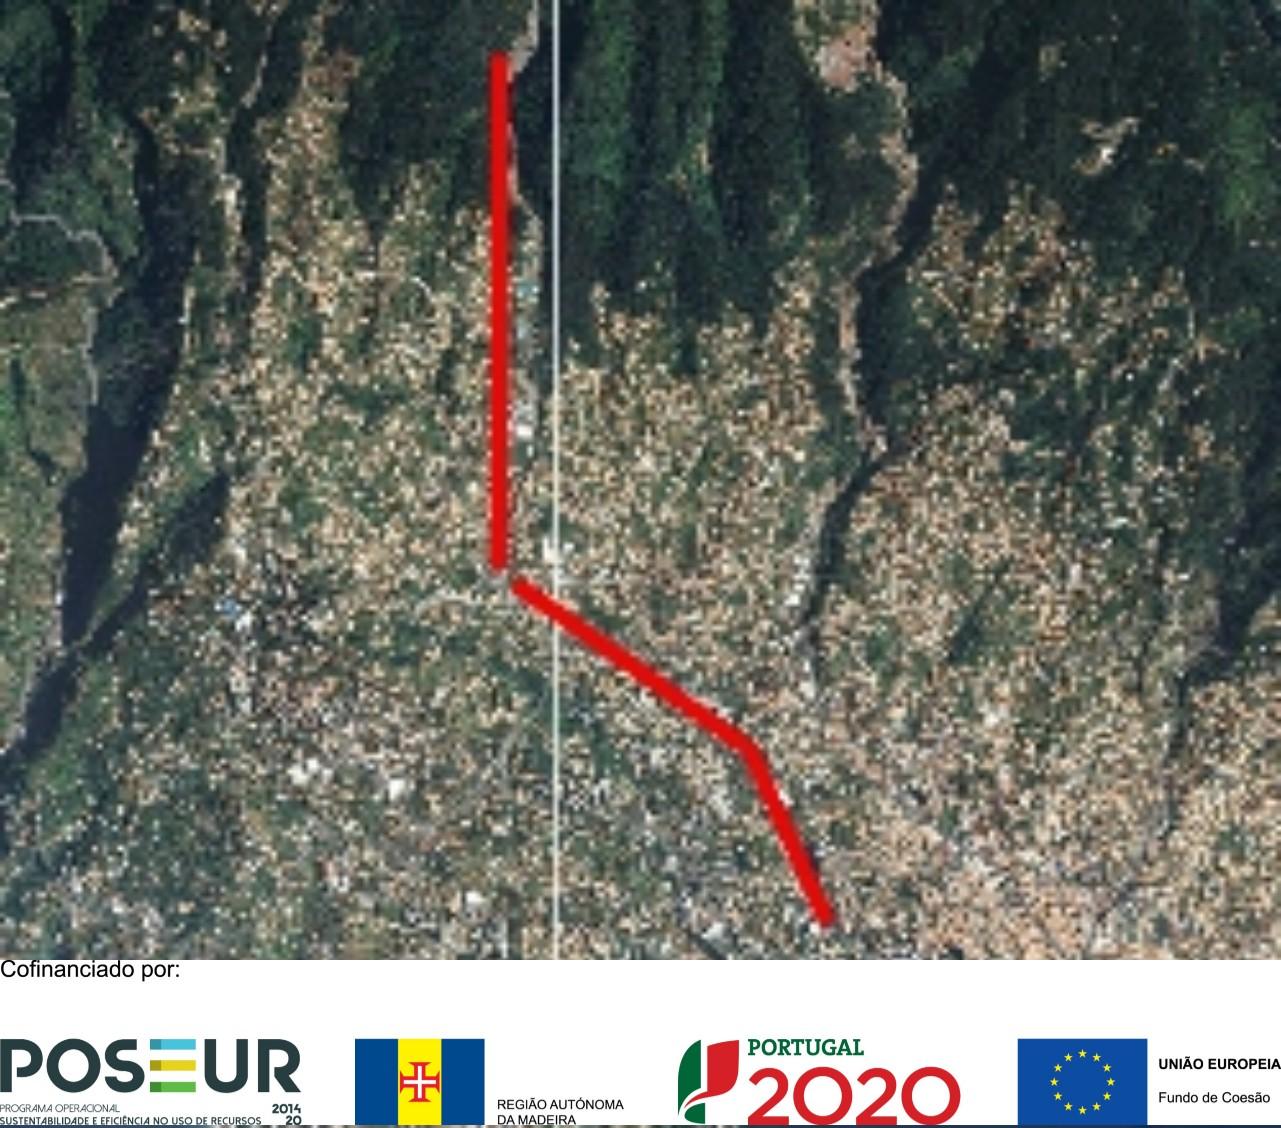 POSEUR-02-1810-FC-000005 - Reabilitação e Regularização da Ribeira de São João - Troço urbano de Montante, setores 5 a 14